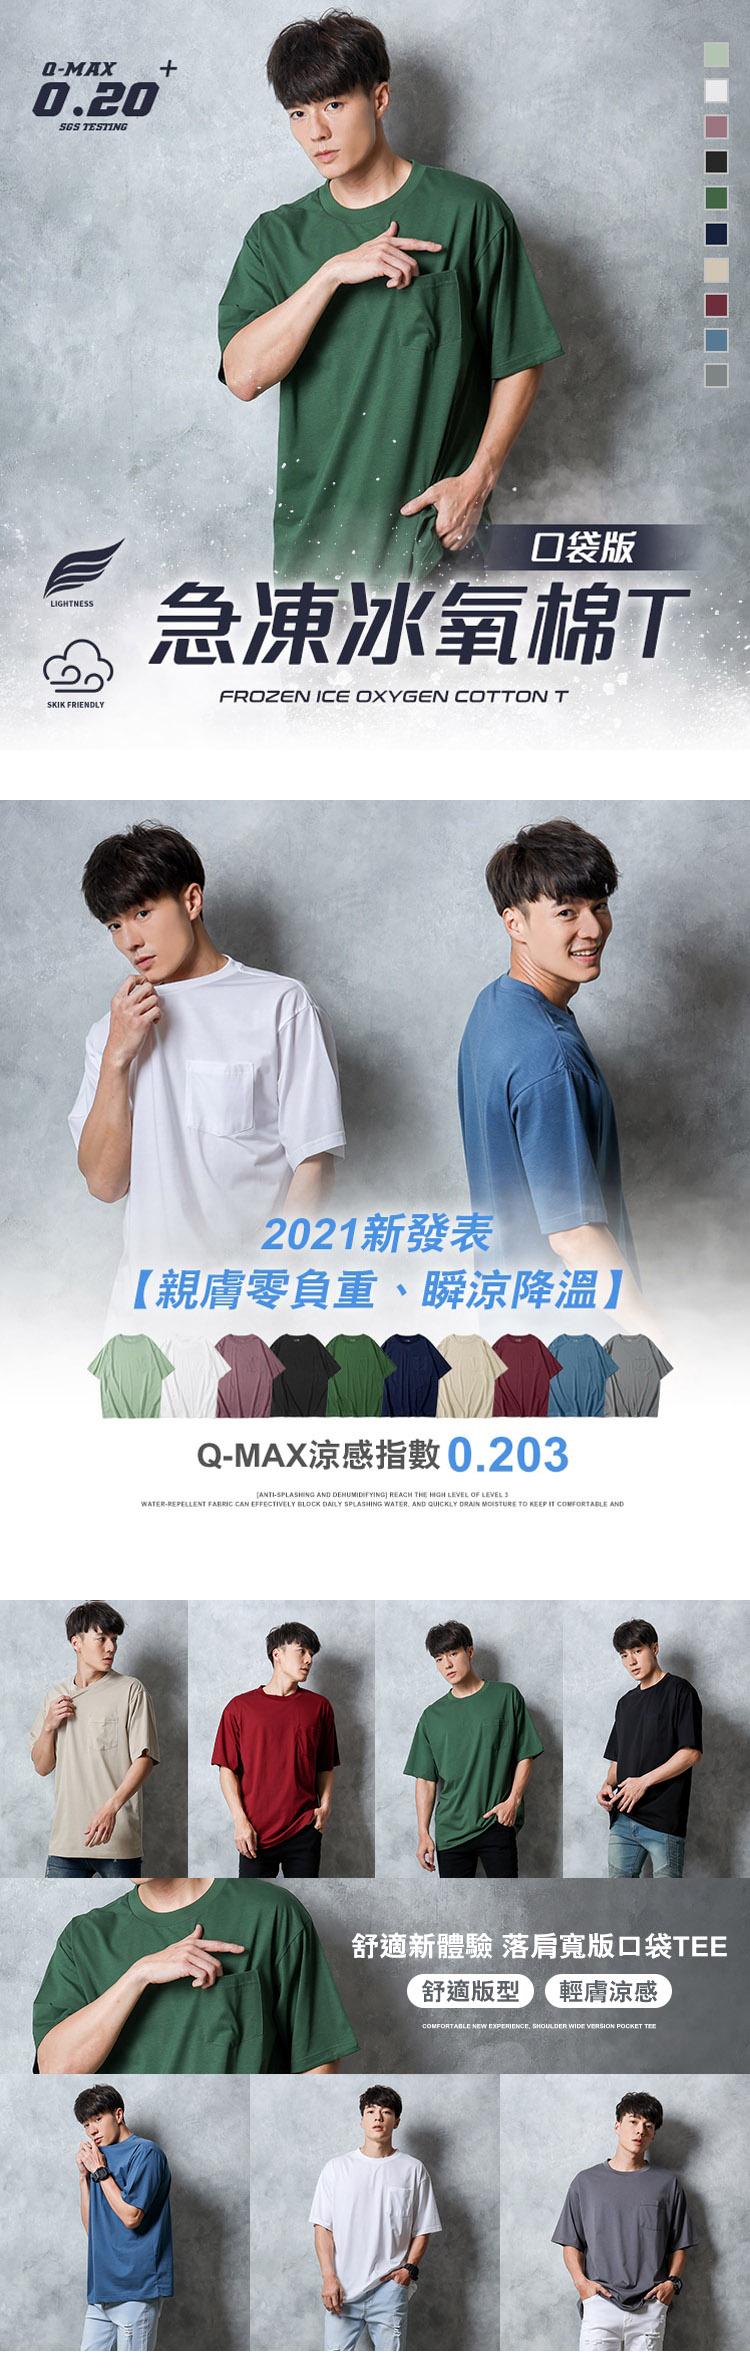 【買一送一】急凍T口袋版.60支冰氧柔棉.涼感短袖T恤